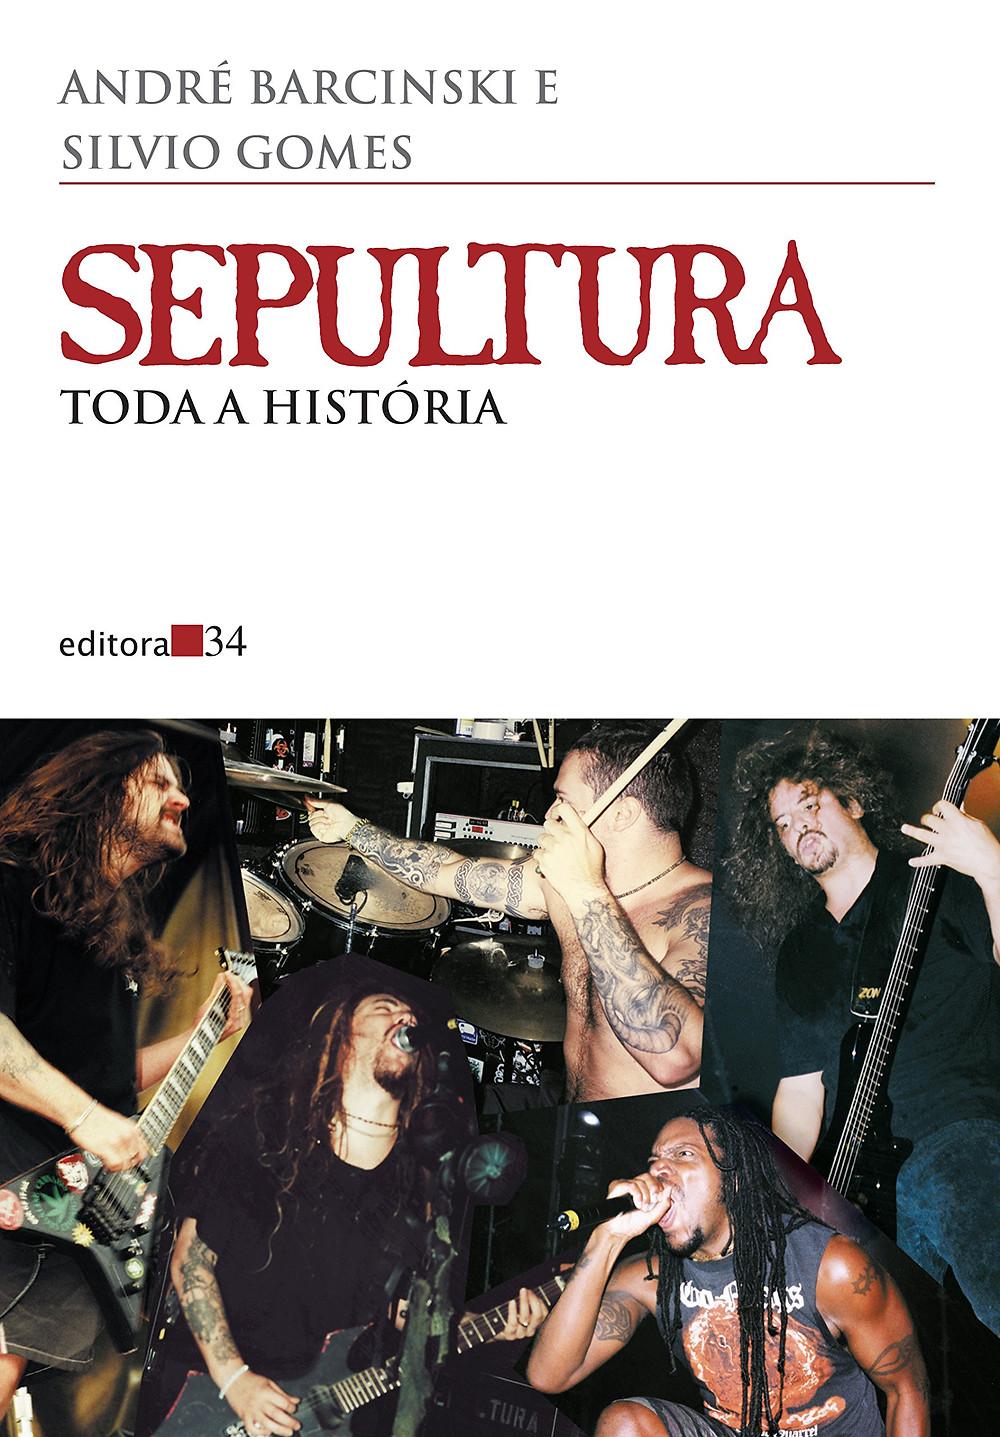 Livro Sepultura: Toda a História, da Editora 34.